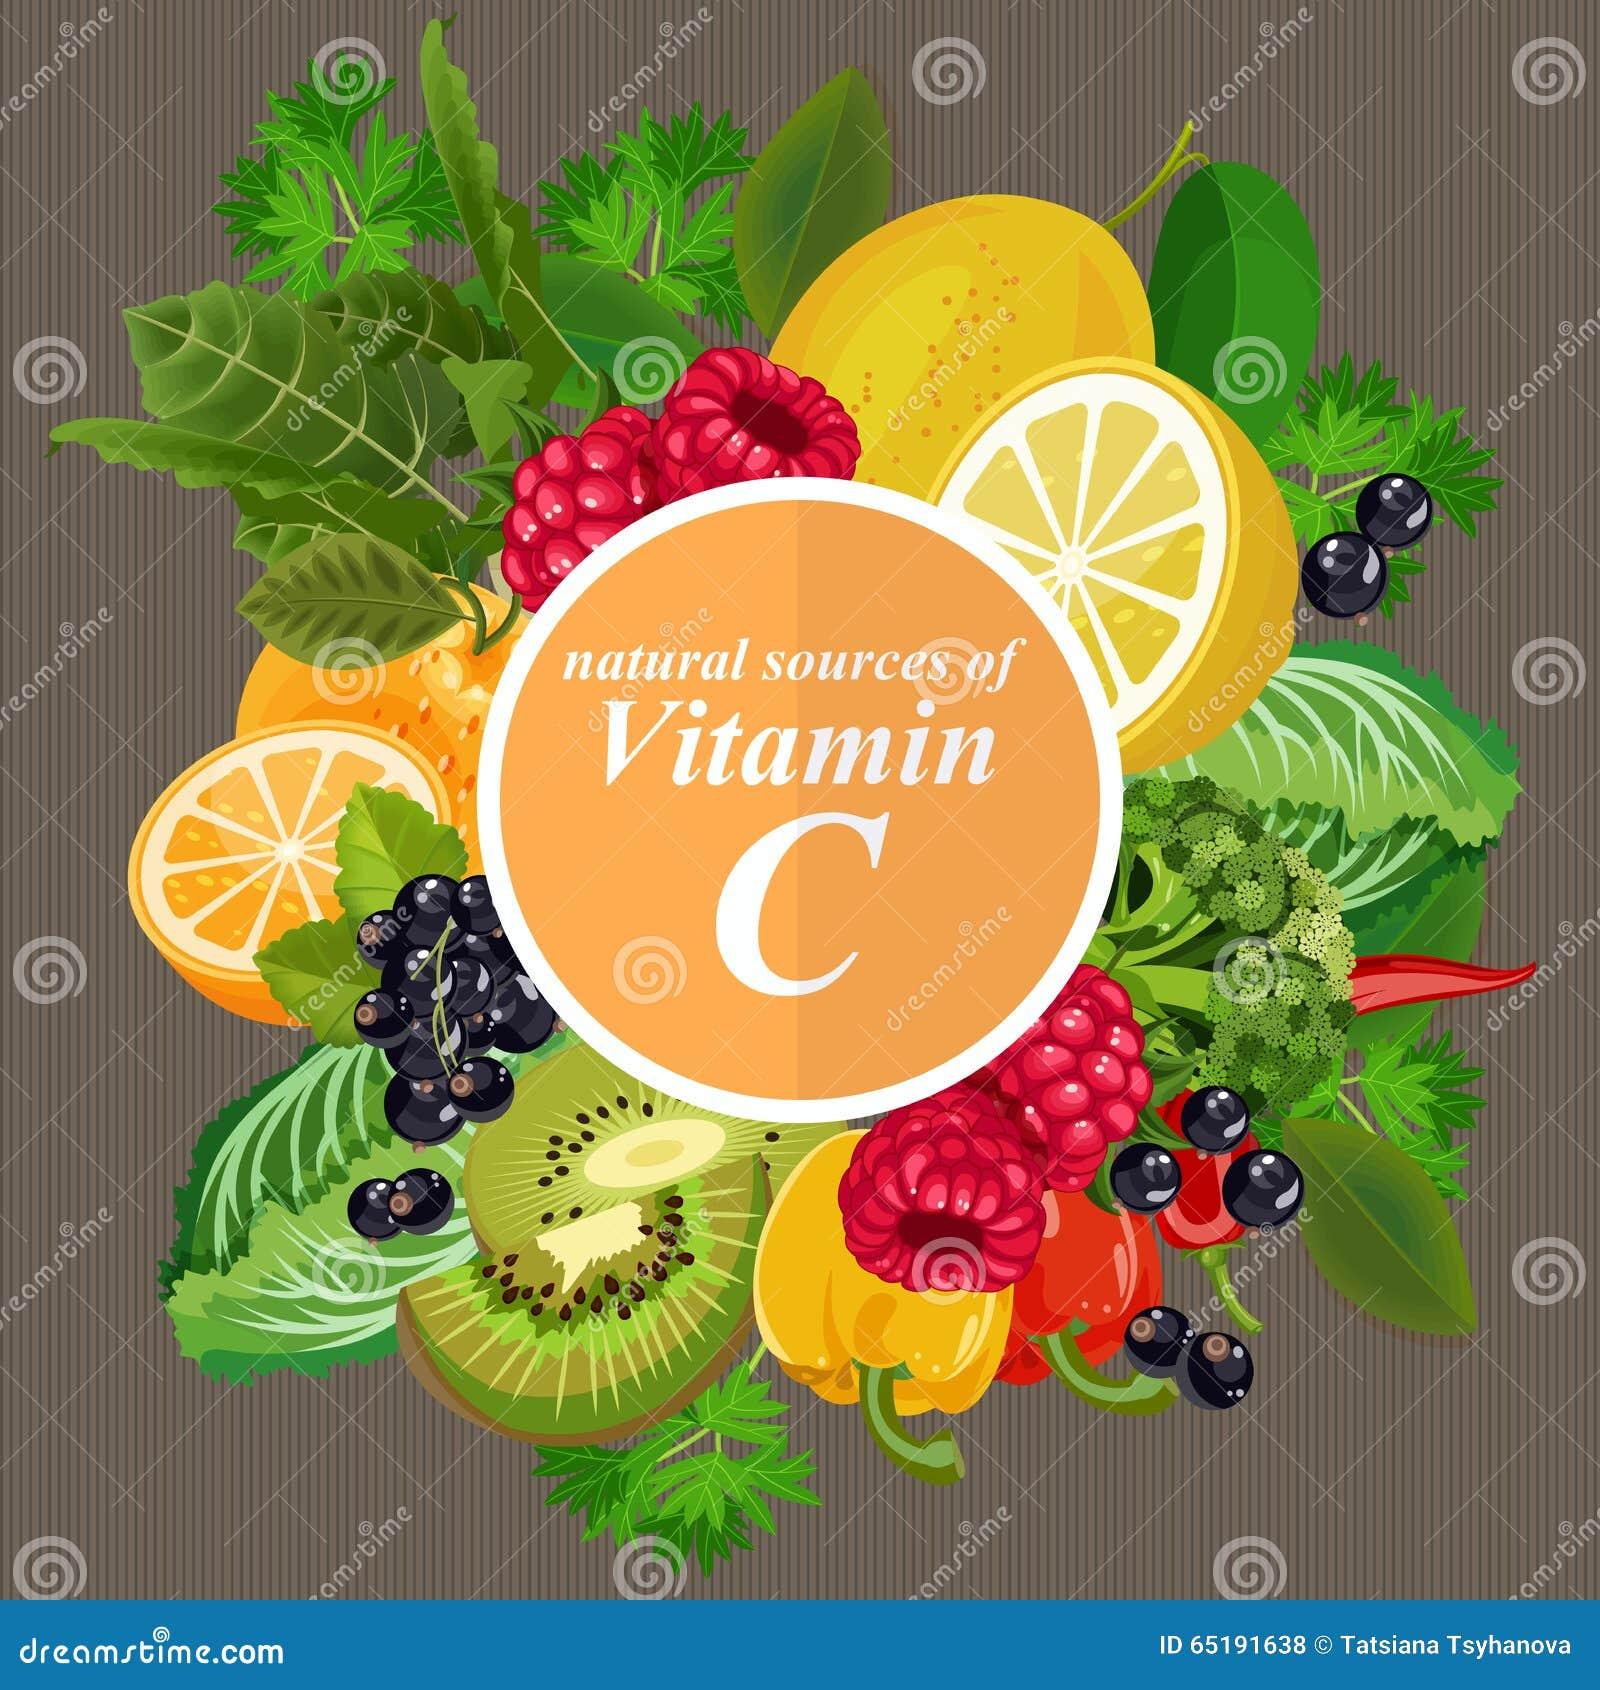 Groepen gezond fruit, groenten, vlees, vissen en zuivelproducten die specifieke vitaminen bevatten Vitamine C